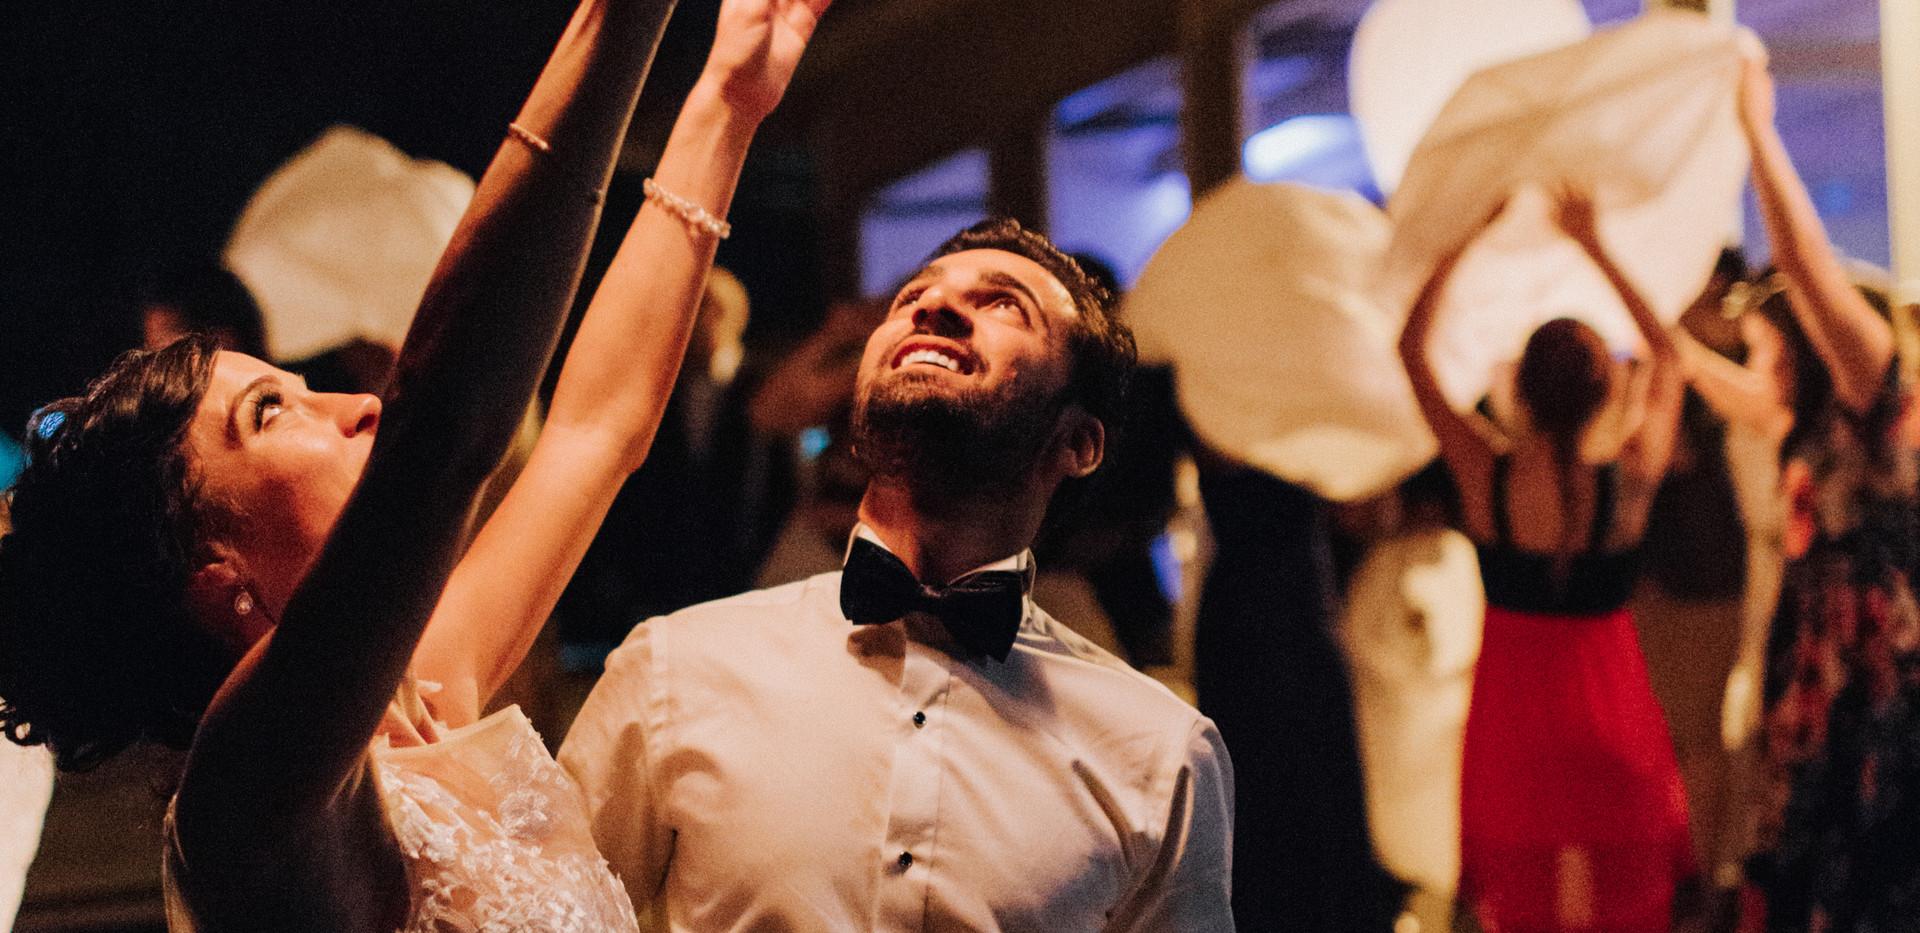 Sidney-Georges-Wedding-474.jpg